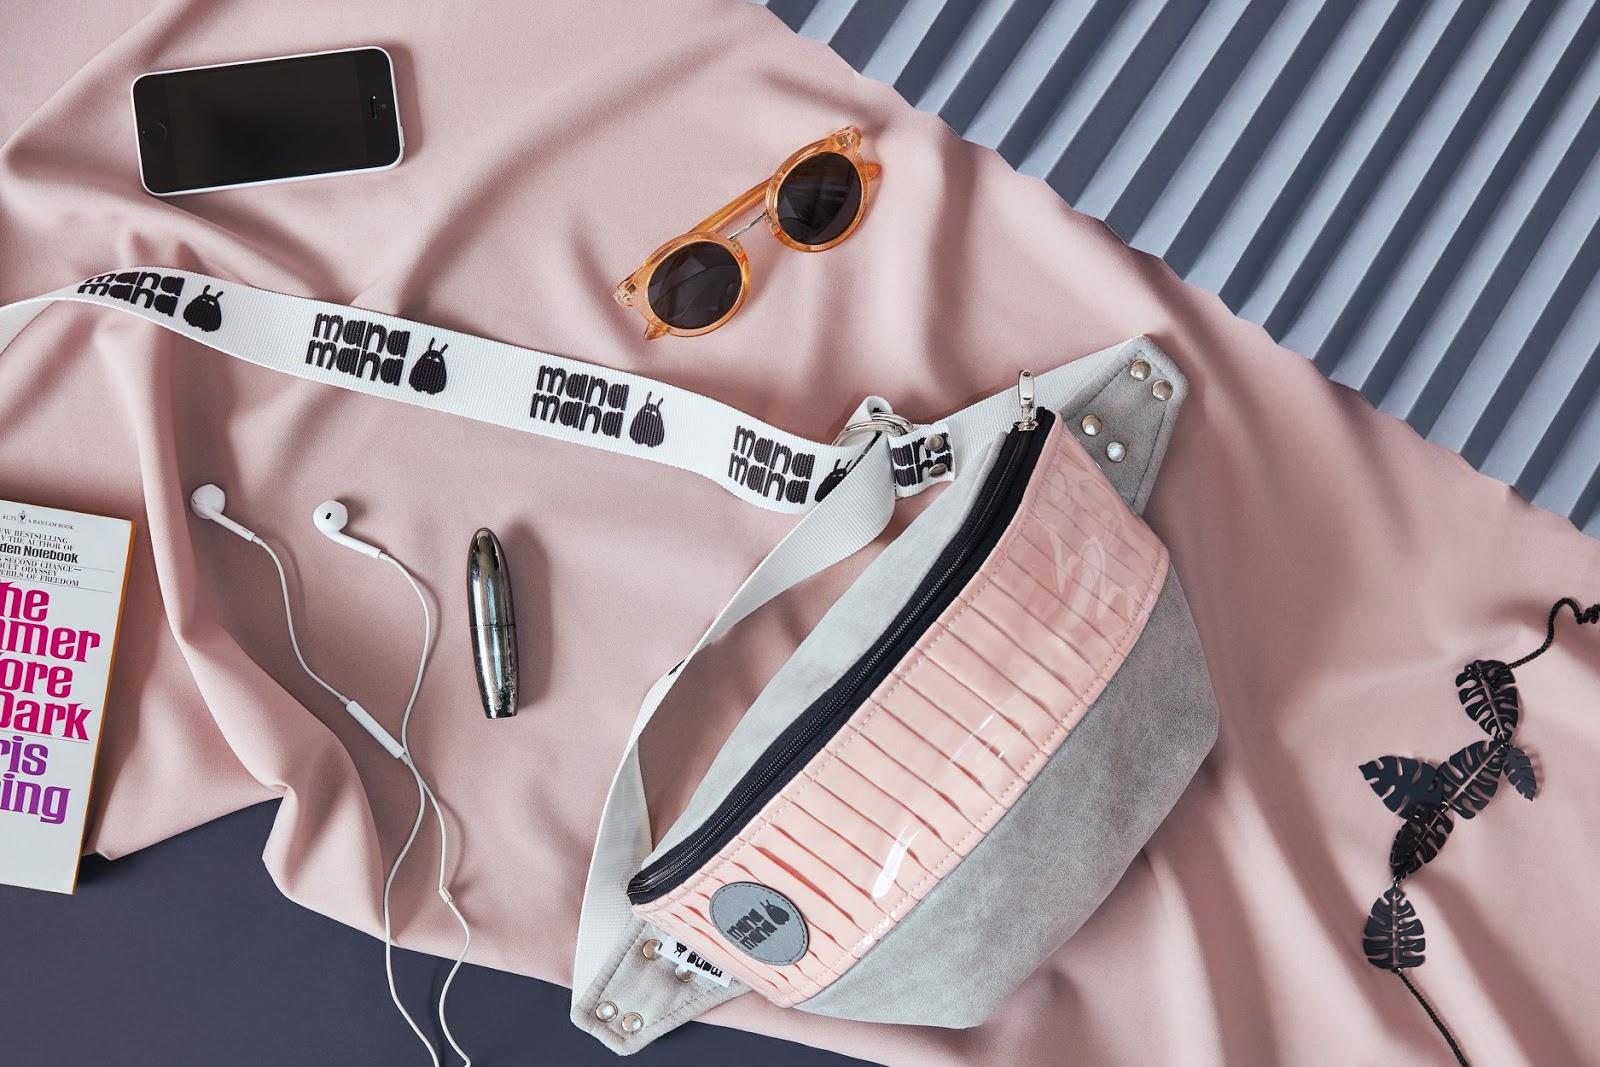 461569858c318 Krakowska marka, której specjalnością są basicowe torebki, doskonale  wpisujące się w miejski styl życia i luźną, swobodną elegancję. Torby  me&BAGS to ...